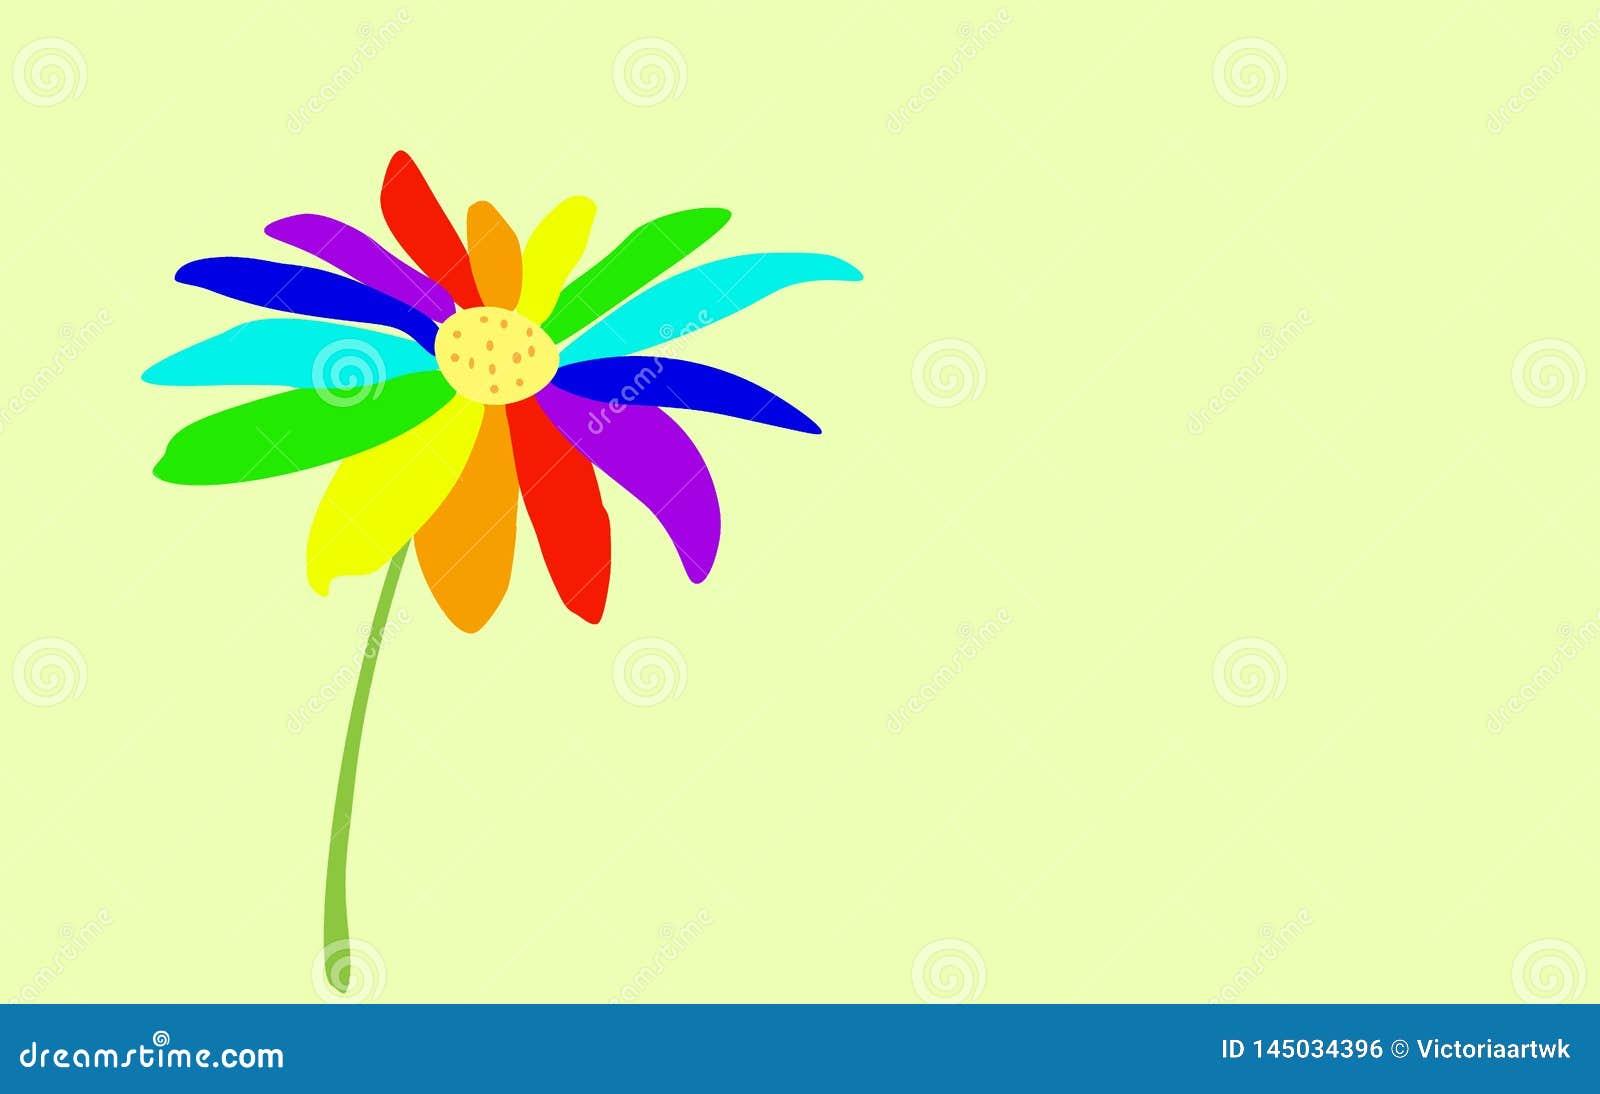 Flor del Siete-color pintada en un fondo suavemente azul claro S?mbolo de LGBT